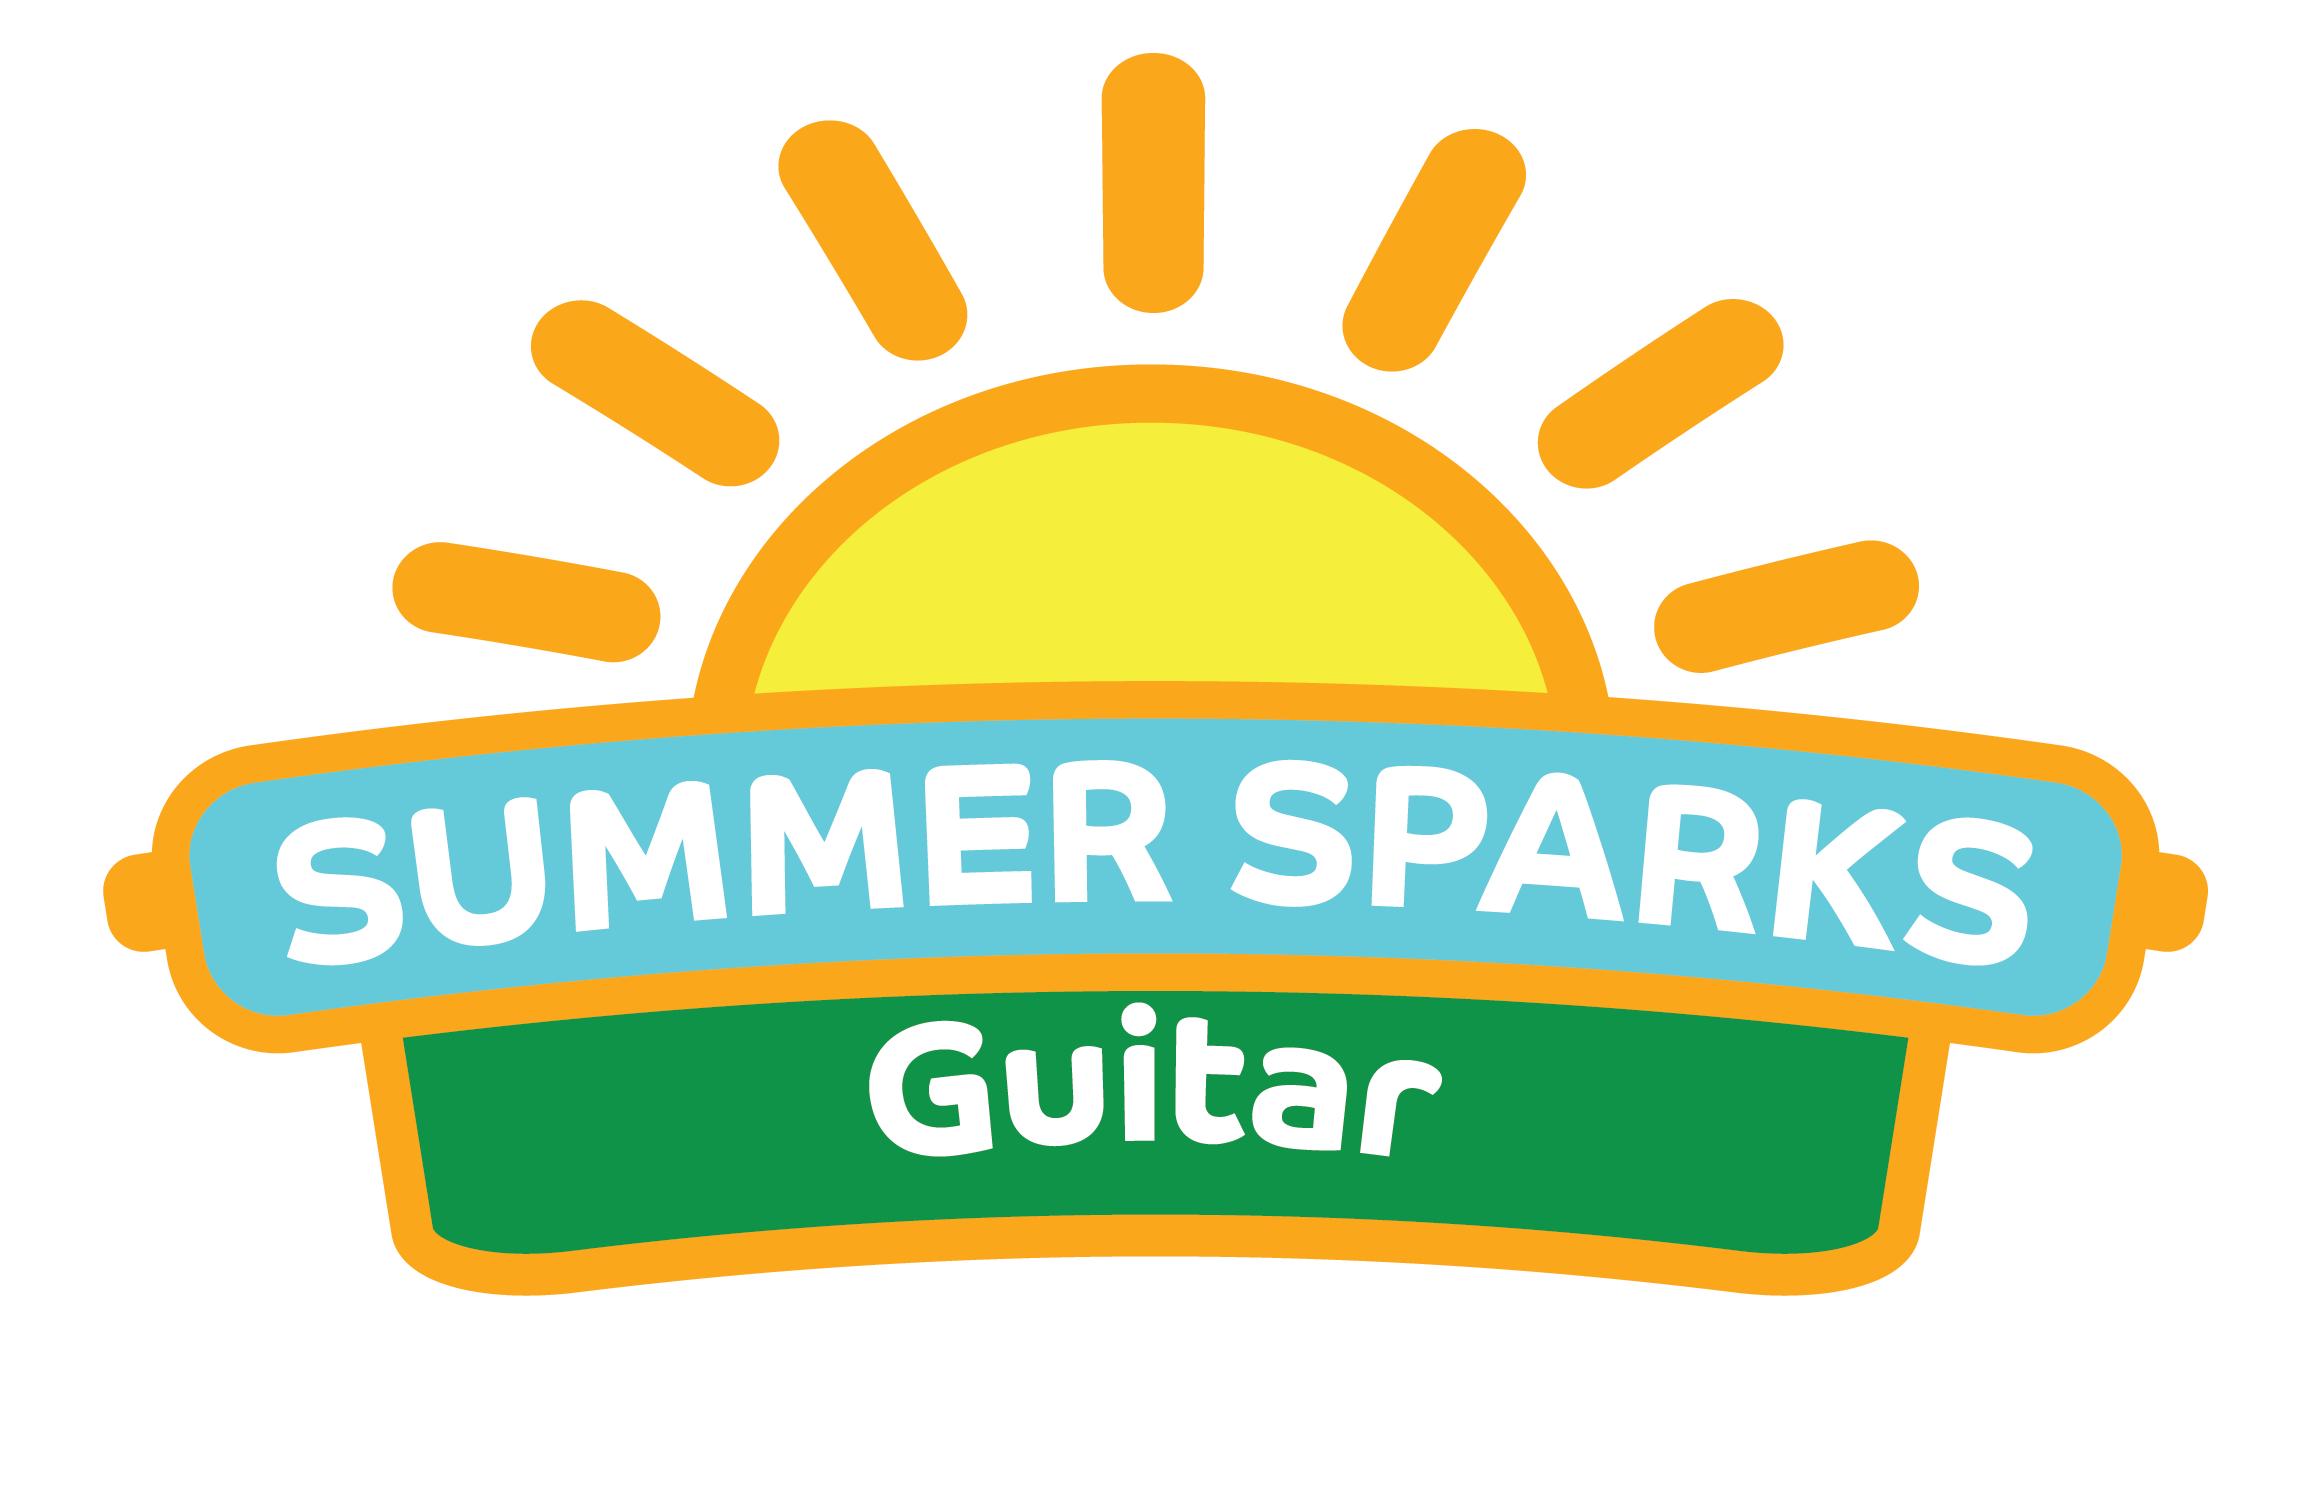 Guitar-07.png